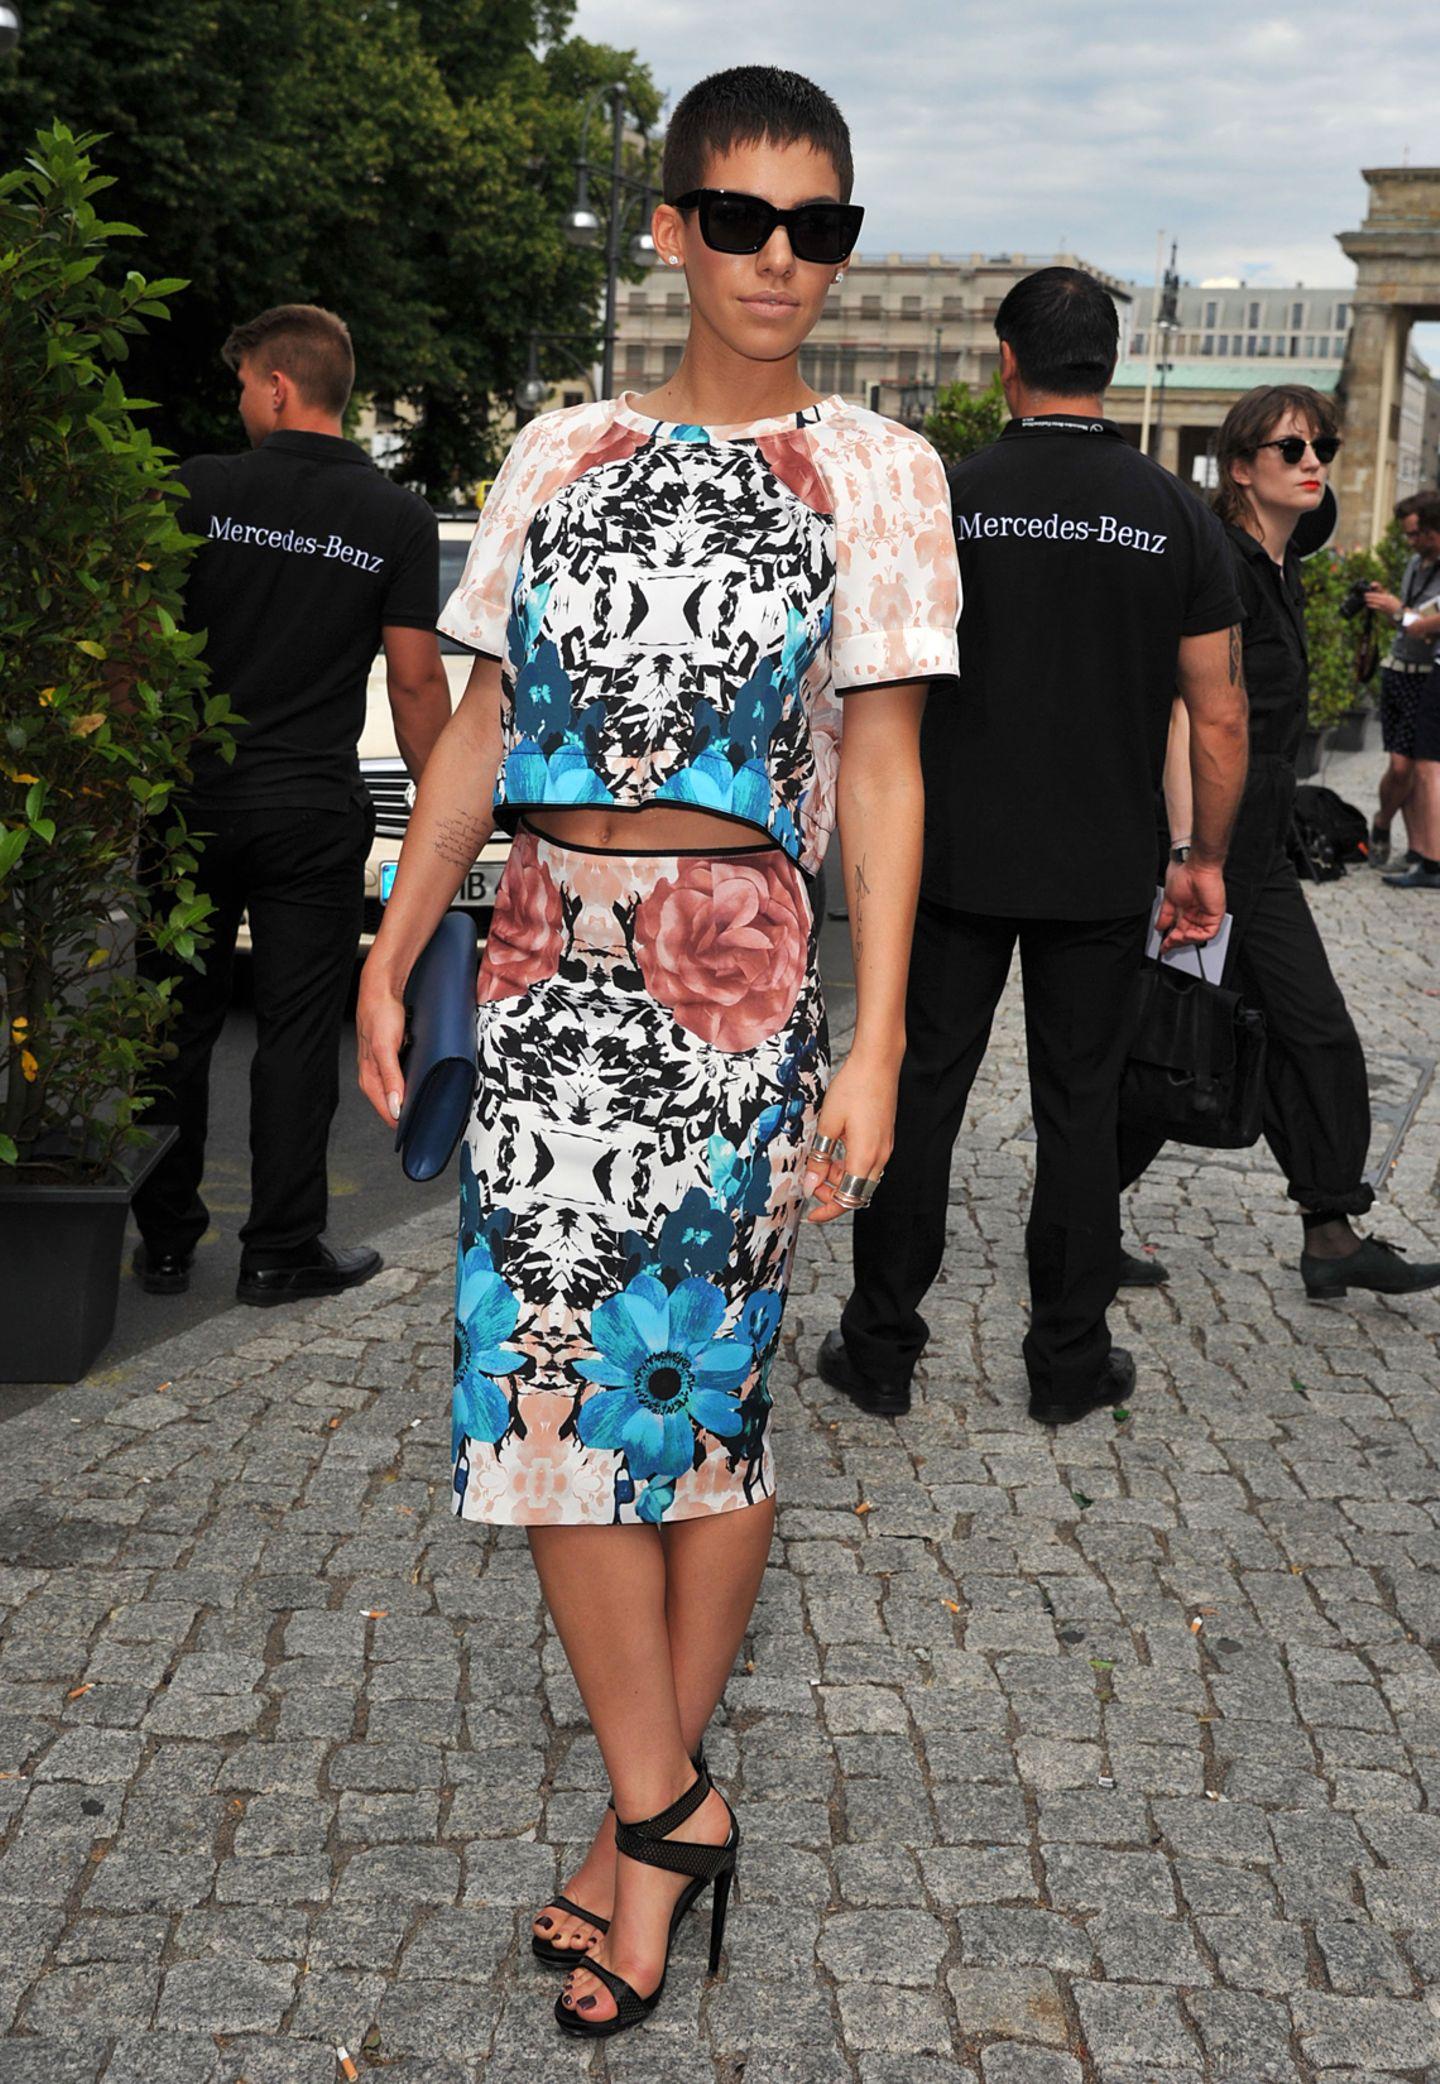 """Alina Süggeler von der Band """"Frida Gold"""" trägt Bleistiftrock, bauchfrei und eine tiefschwarze Sonnenbrille zu eleganten Stilettos."""